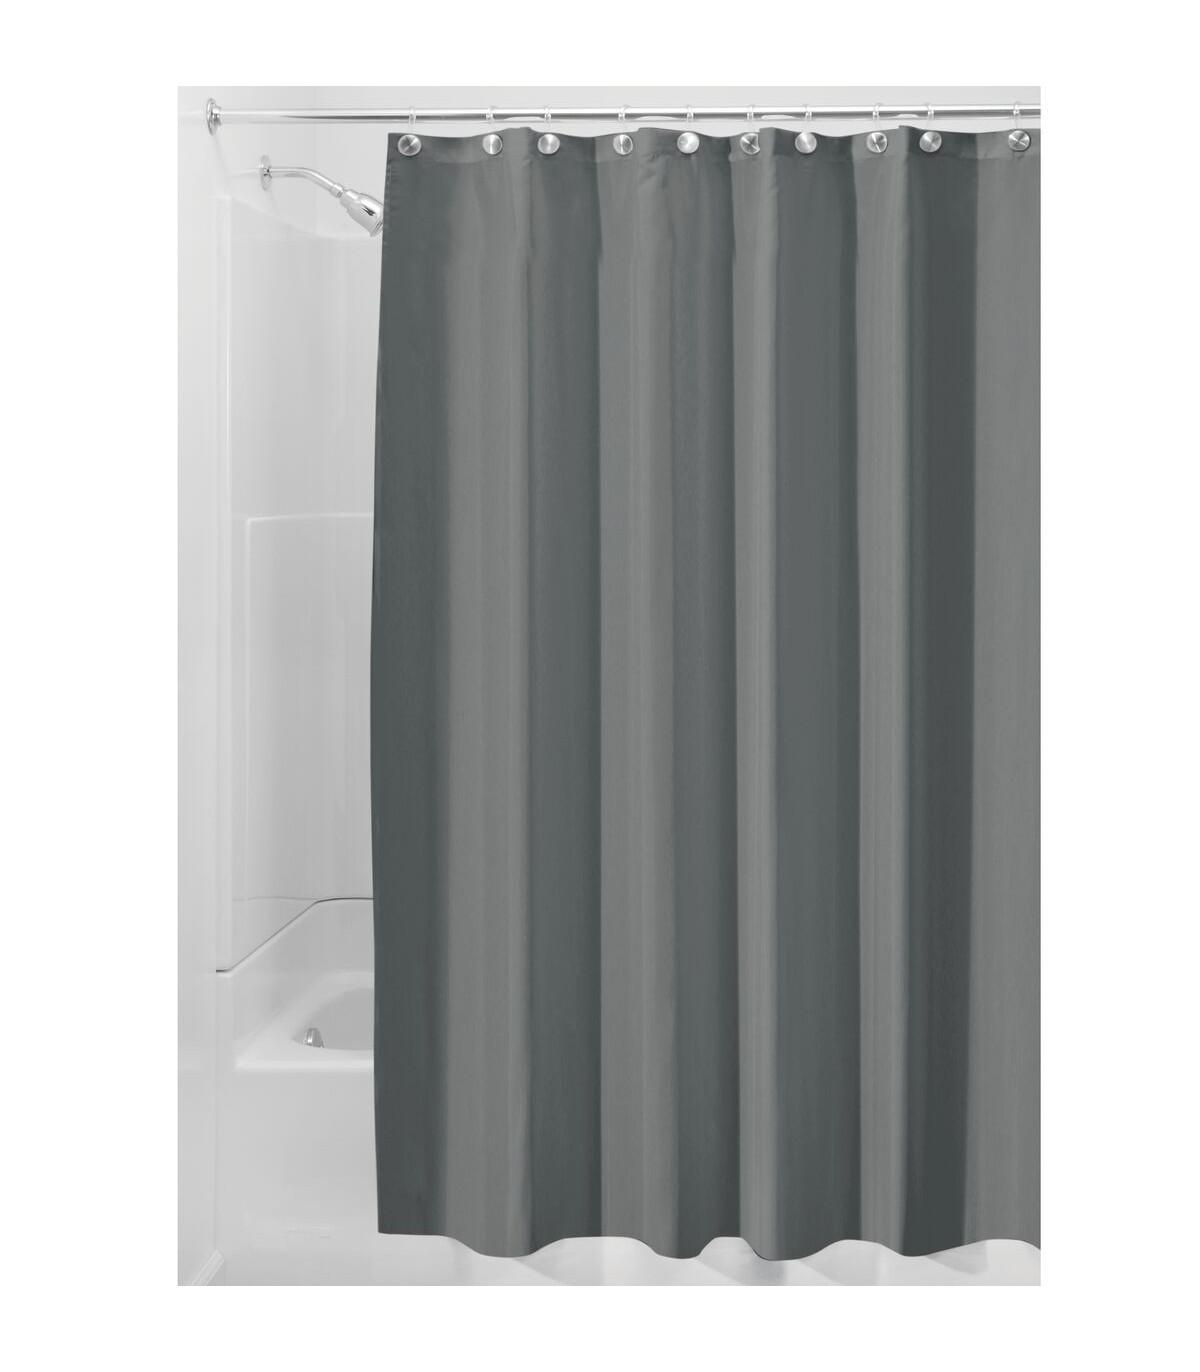 rideau de douche gris en polyester 180 x 200 cm